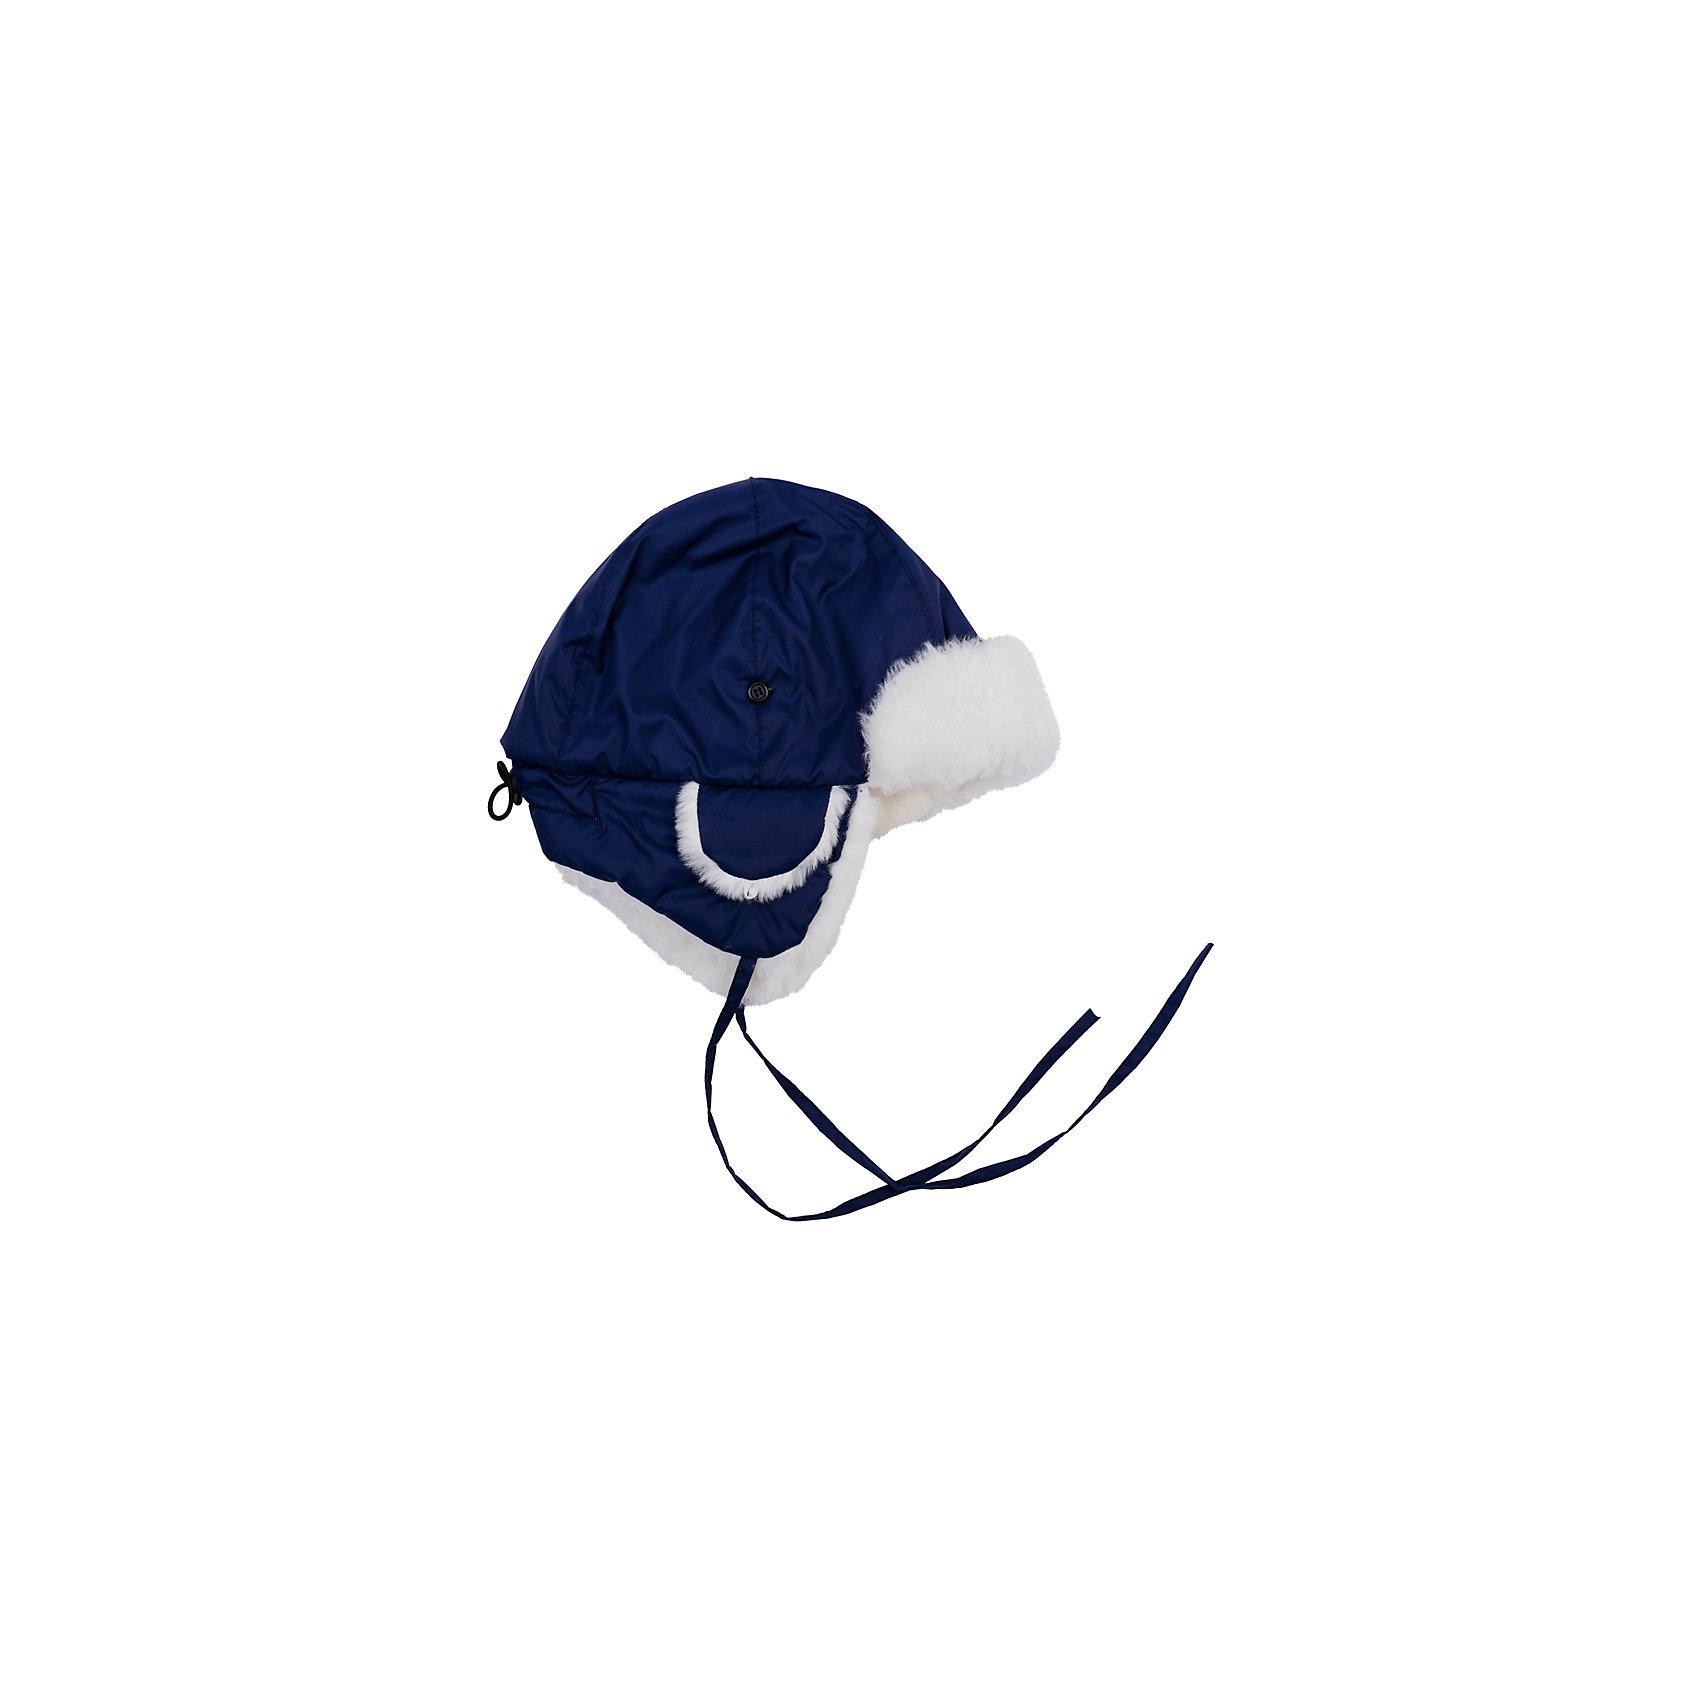 Шапка для мальчика PlayTodayГоловные уборы<br>Шапка для мальчика от известного бренда PlayToday.<br>Теплая шапка из непромокаемой плащевки. Отделка из искусственного меха, внутри уютная флисовая подкладка.<br>Состав:<br>Верх: 100% полиэстер, Подкладка: 100% полиэстер, Наполнитель: 100% полиэстер<br><br>Ширина мм: 89<br>Глубина мм: 117<br>Высота мм: 44<br>Вес г: 155<br>Цвет: синий<br>Возраст от месяцев: 48<br>Возраст до месяцев: 60<br>Пол: Мужской<br>Возраст: Детский<br>Размер: 52,50,54<br>SKU: 4898353